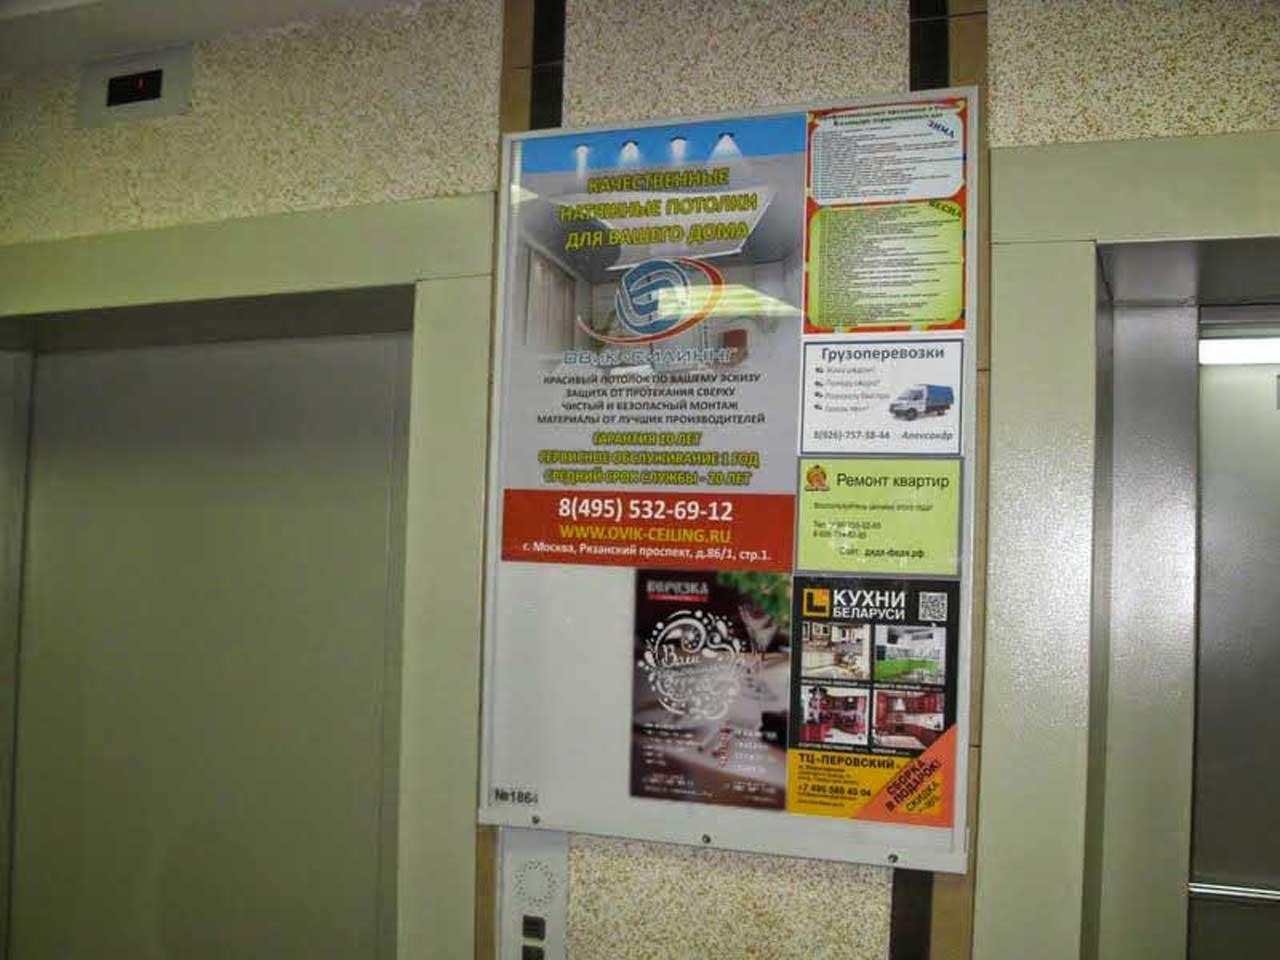 Размещение объявлений на стендах единого образца в домах москвы зарплата дать объявление на продажу топлива